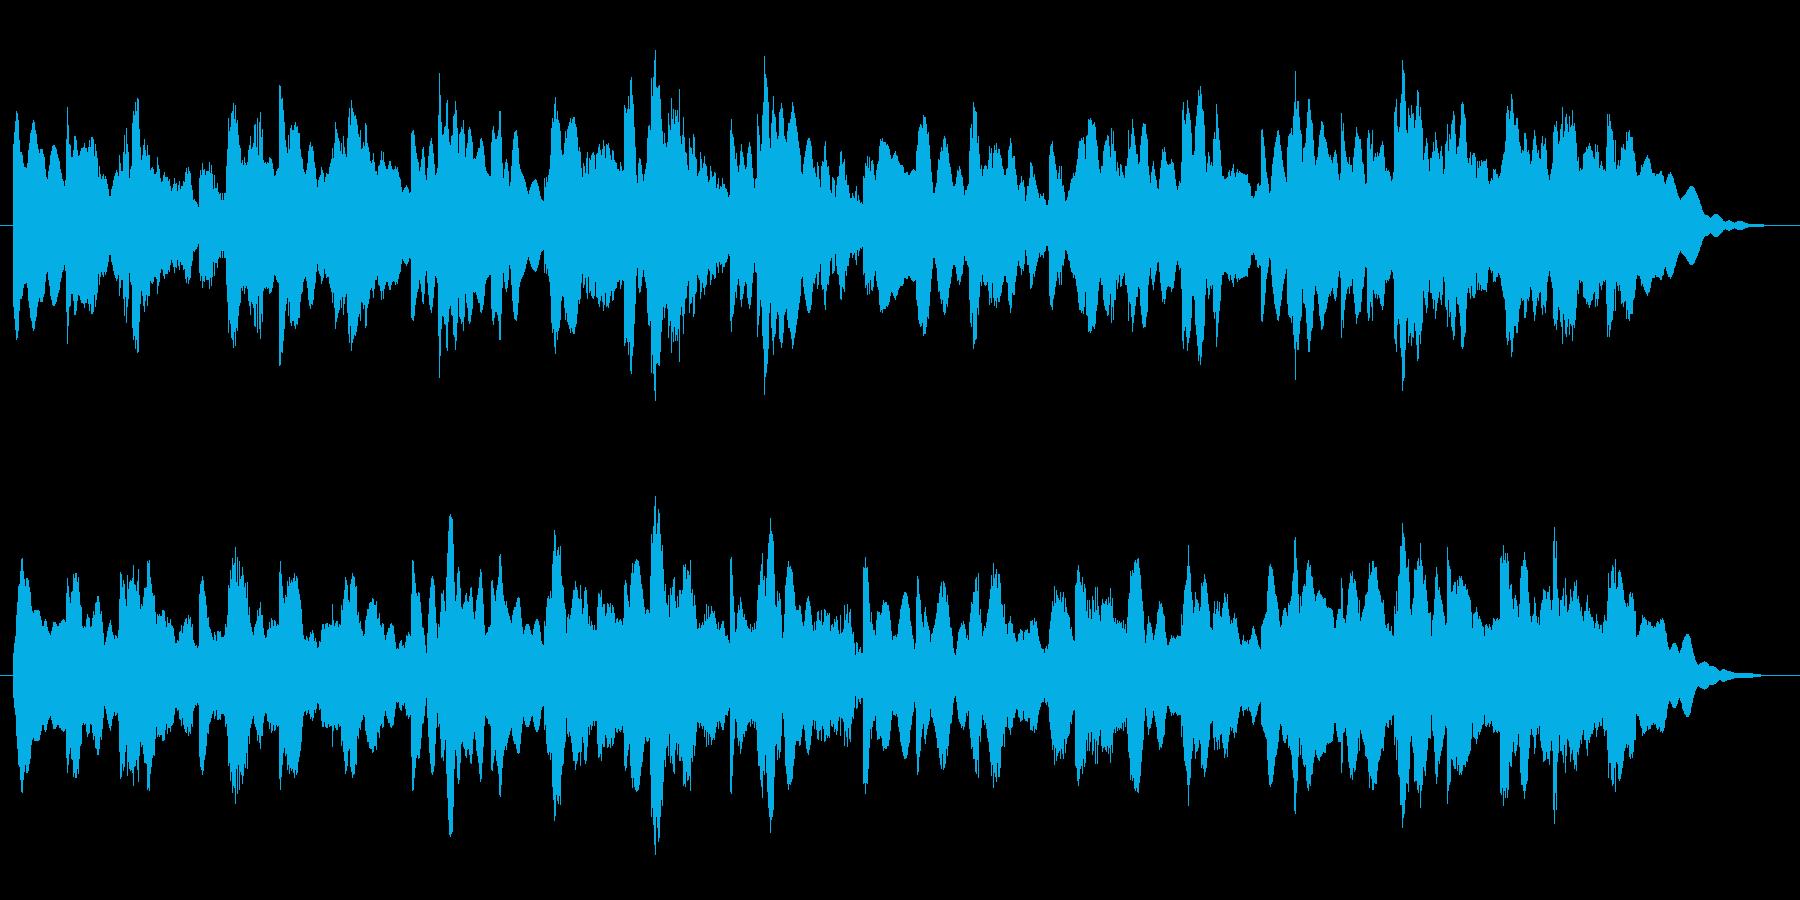 森で迷っているような不安感のある曲の再生済みの波形